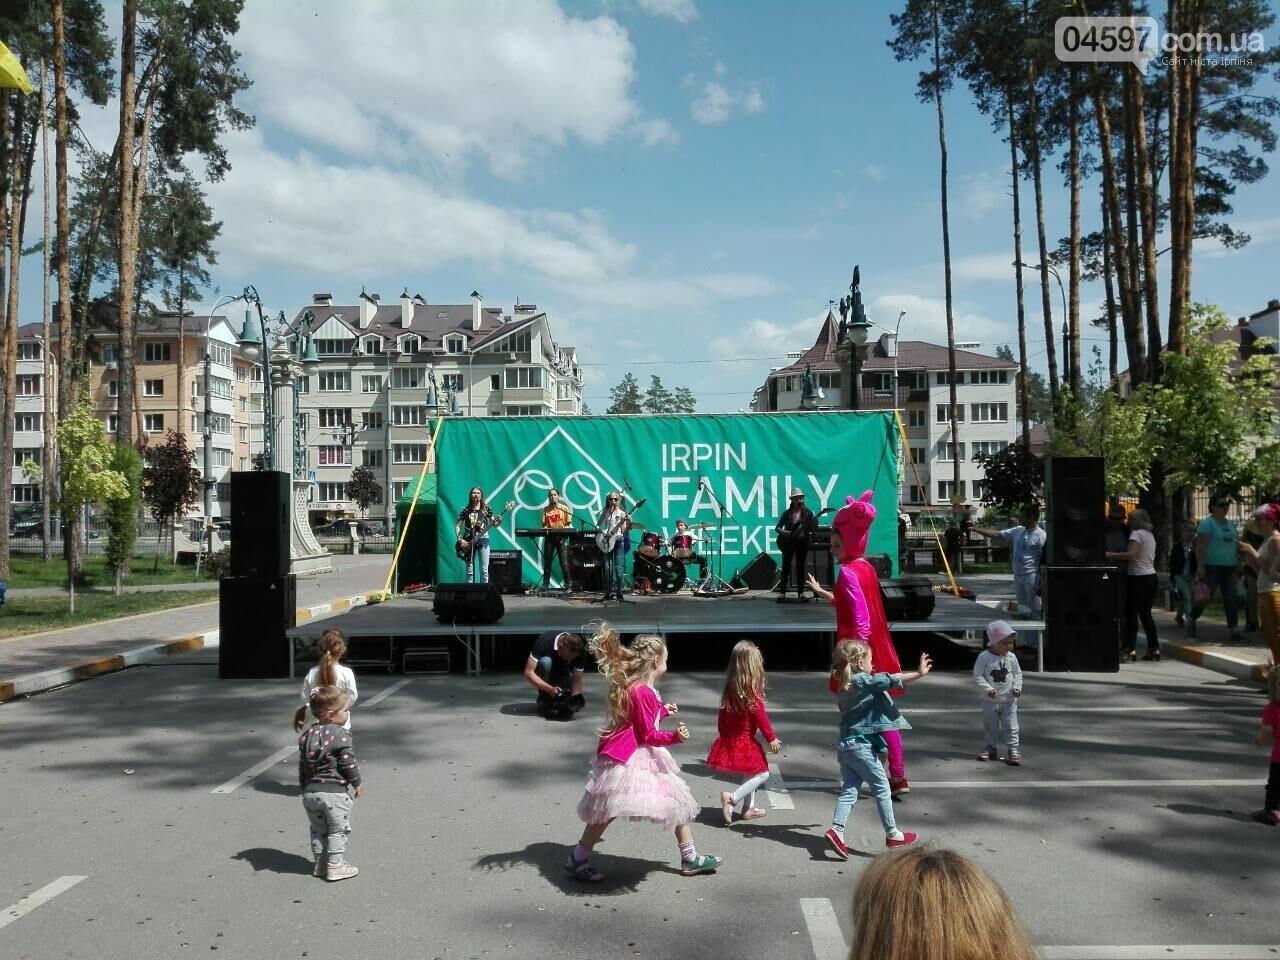 IRPIN FamilyWeekend: такого масового і драйвового заходу ірпінчани ще не бачили, фото-7